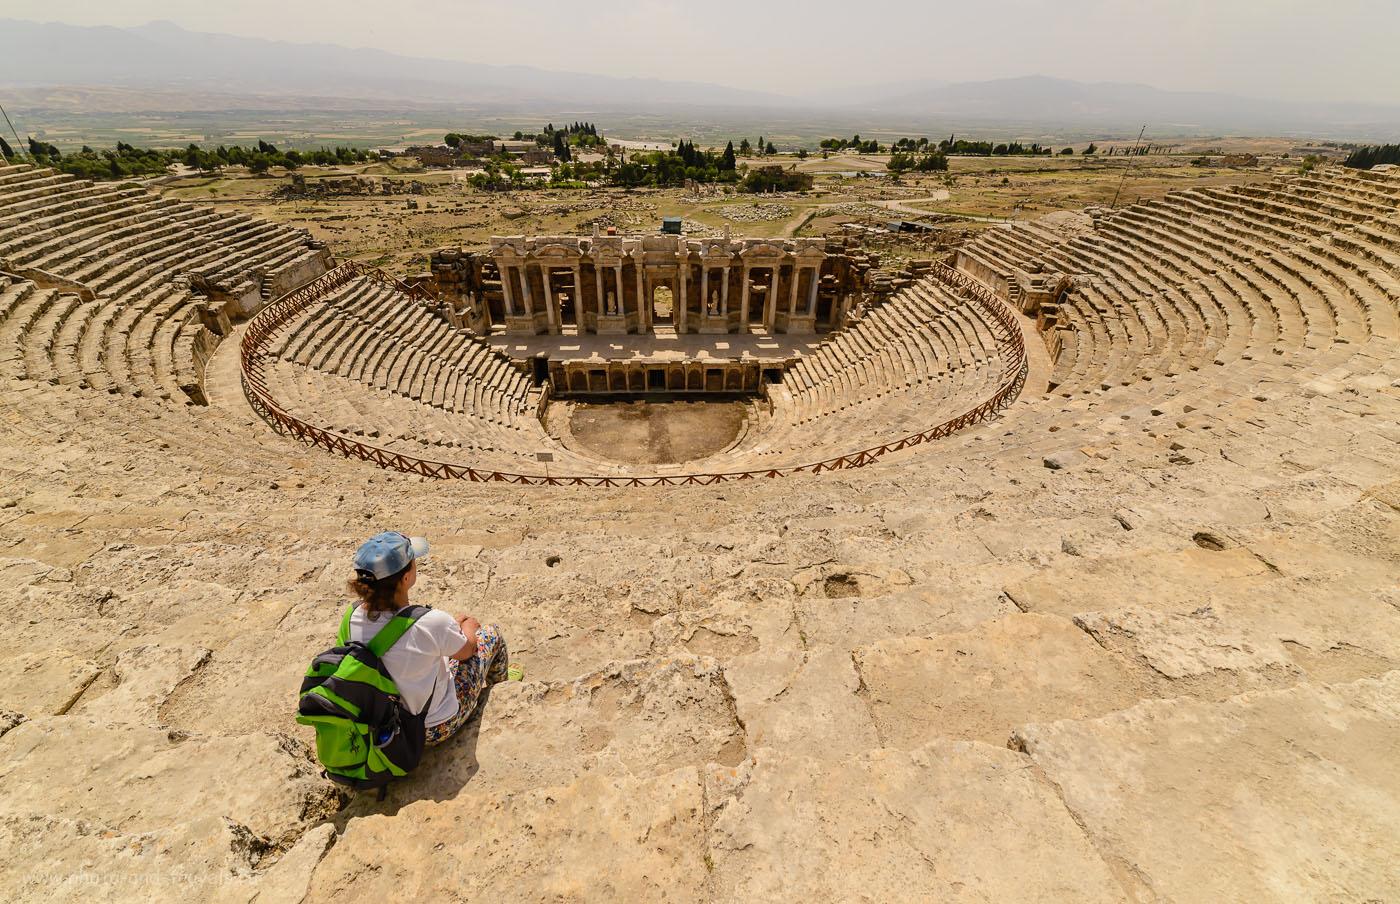 Фотография 32. Амфитеатр в античном городе Иераполис (Ἱεράπολις – священный город), рассчитанный на 10-12 тысяч зрителей. Отчеты туристов и описание достопримечательностей, посещенных во время отдыха в Турции. 1/2000, 8.0, 500, 14.